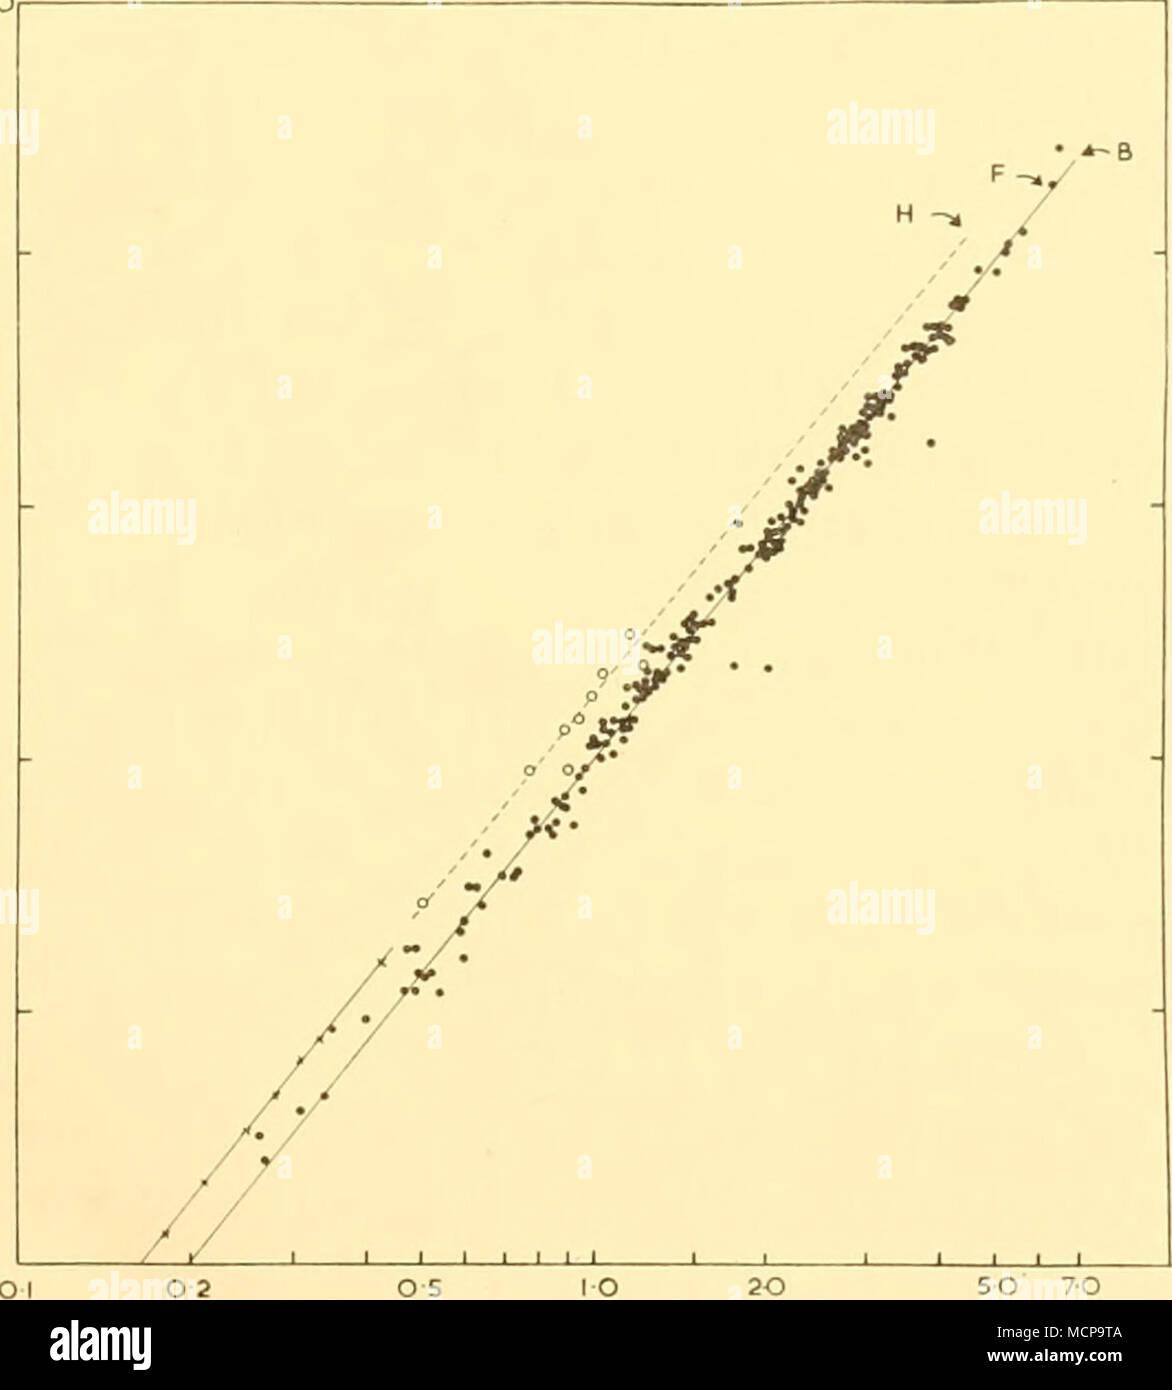 . Länge in Meter Text-Bild. 13. Grundstück gegen fötales Gewicht Länge für 234 Blau, Fin und sei Wale (schwarze Kreise), neun Buckelwale (weiße Kreise) und 93 Schweinswale (Kreuze = monatliche Mittelwerte). Regressionsgeraden wurden eingebaut, die von Auge und der neonatalen Werte für Blau-, Finn- und Buckelwale sind angegeben. In den letzten 5 Monaten der Schwangerschaft der Blauwal Fötus wächst in der Länge von 1-3 bis 7-0 m., entsprechende zu einer Zunahme von Gewicht von 2480 kg. (Von 20 bis 2500 kg.) oder 2-44 Tonnen. In den letzten beiden Monaten der Schwangerschaft die durchschnittliche Gewichtszunahme ist über 2 Tonnen (420-2500 Stockbild